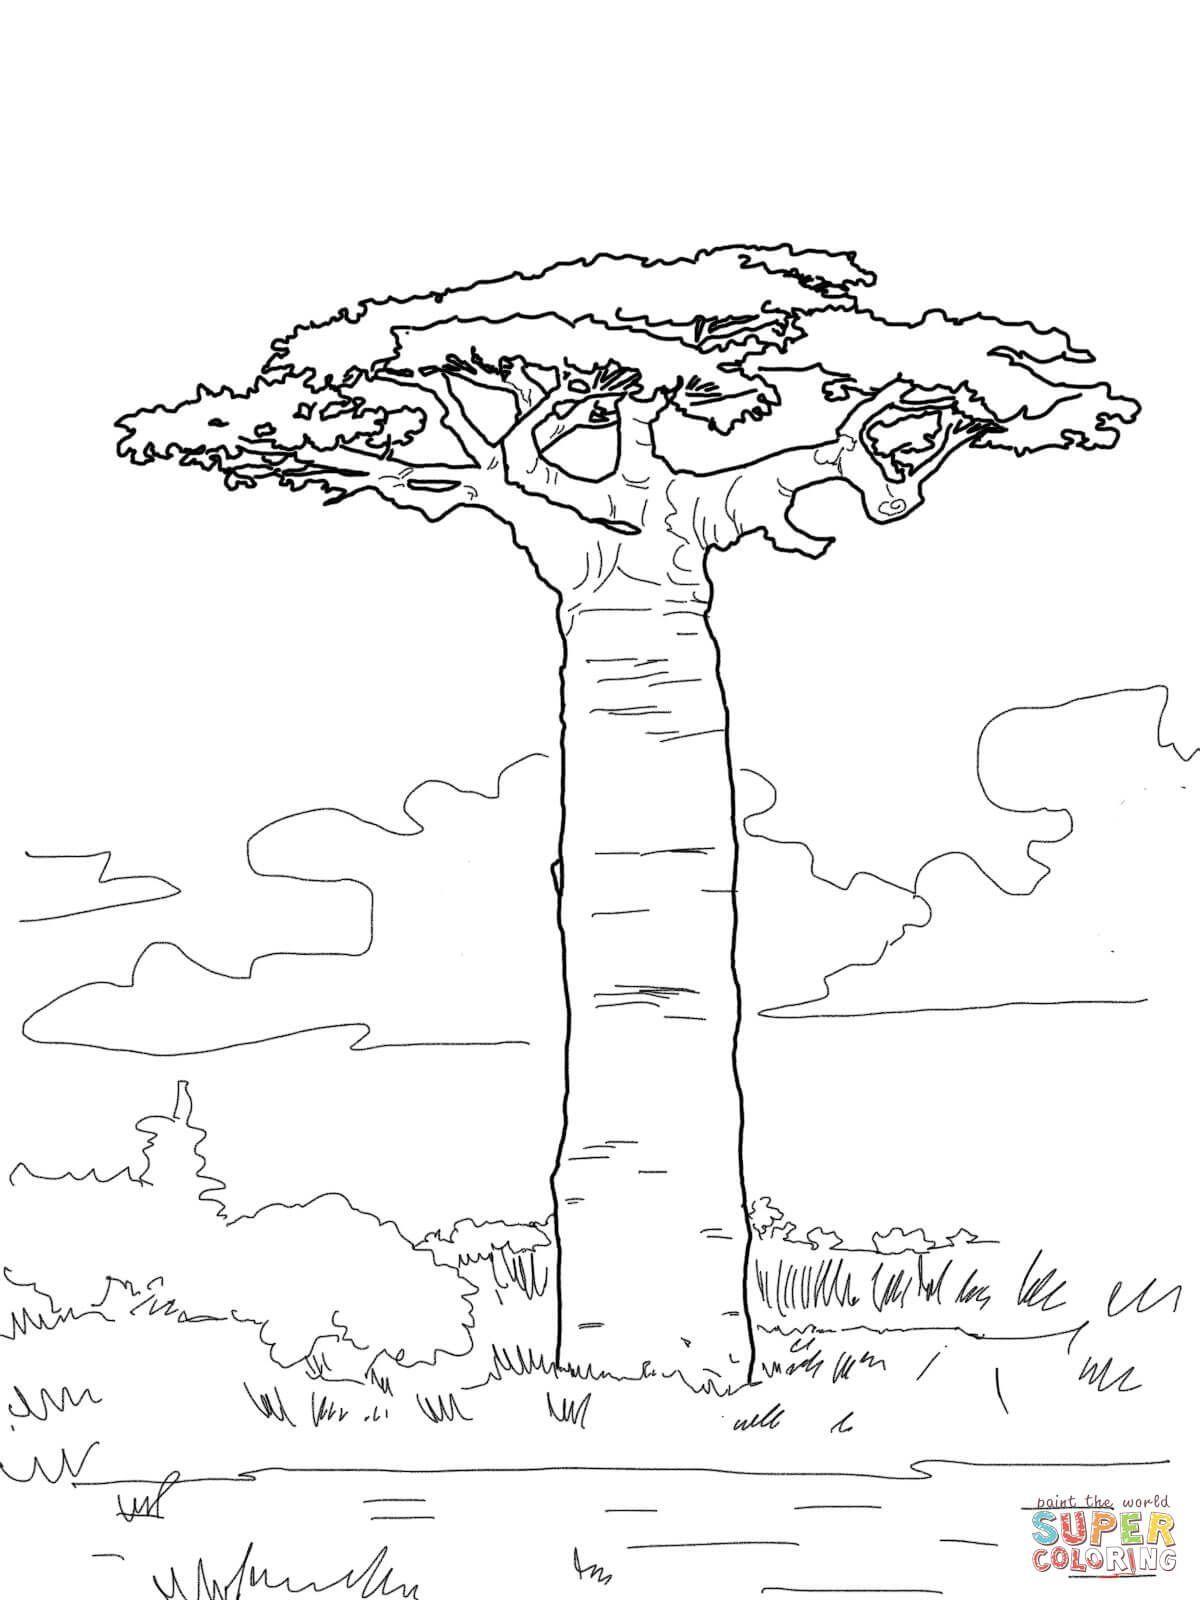 Affenbrotbaum Ausmalbilder Affenbrotbaum Ausmalbilder Shablony Arvore Para Colorir Arte Da Africa Arvore Desenho